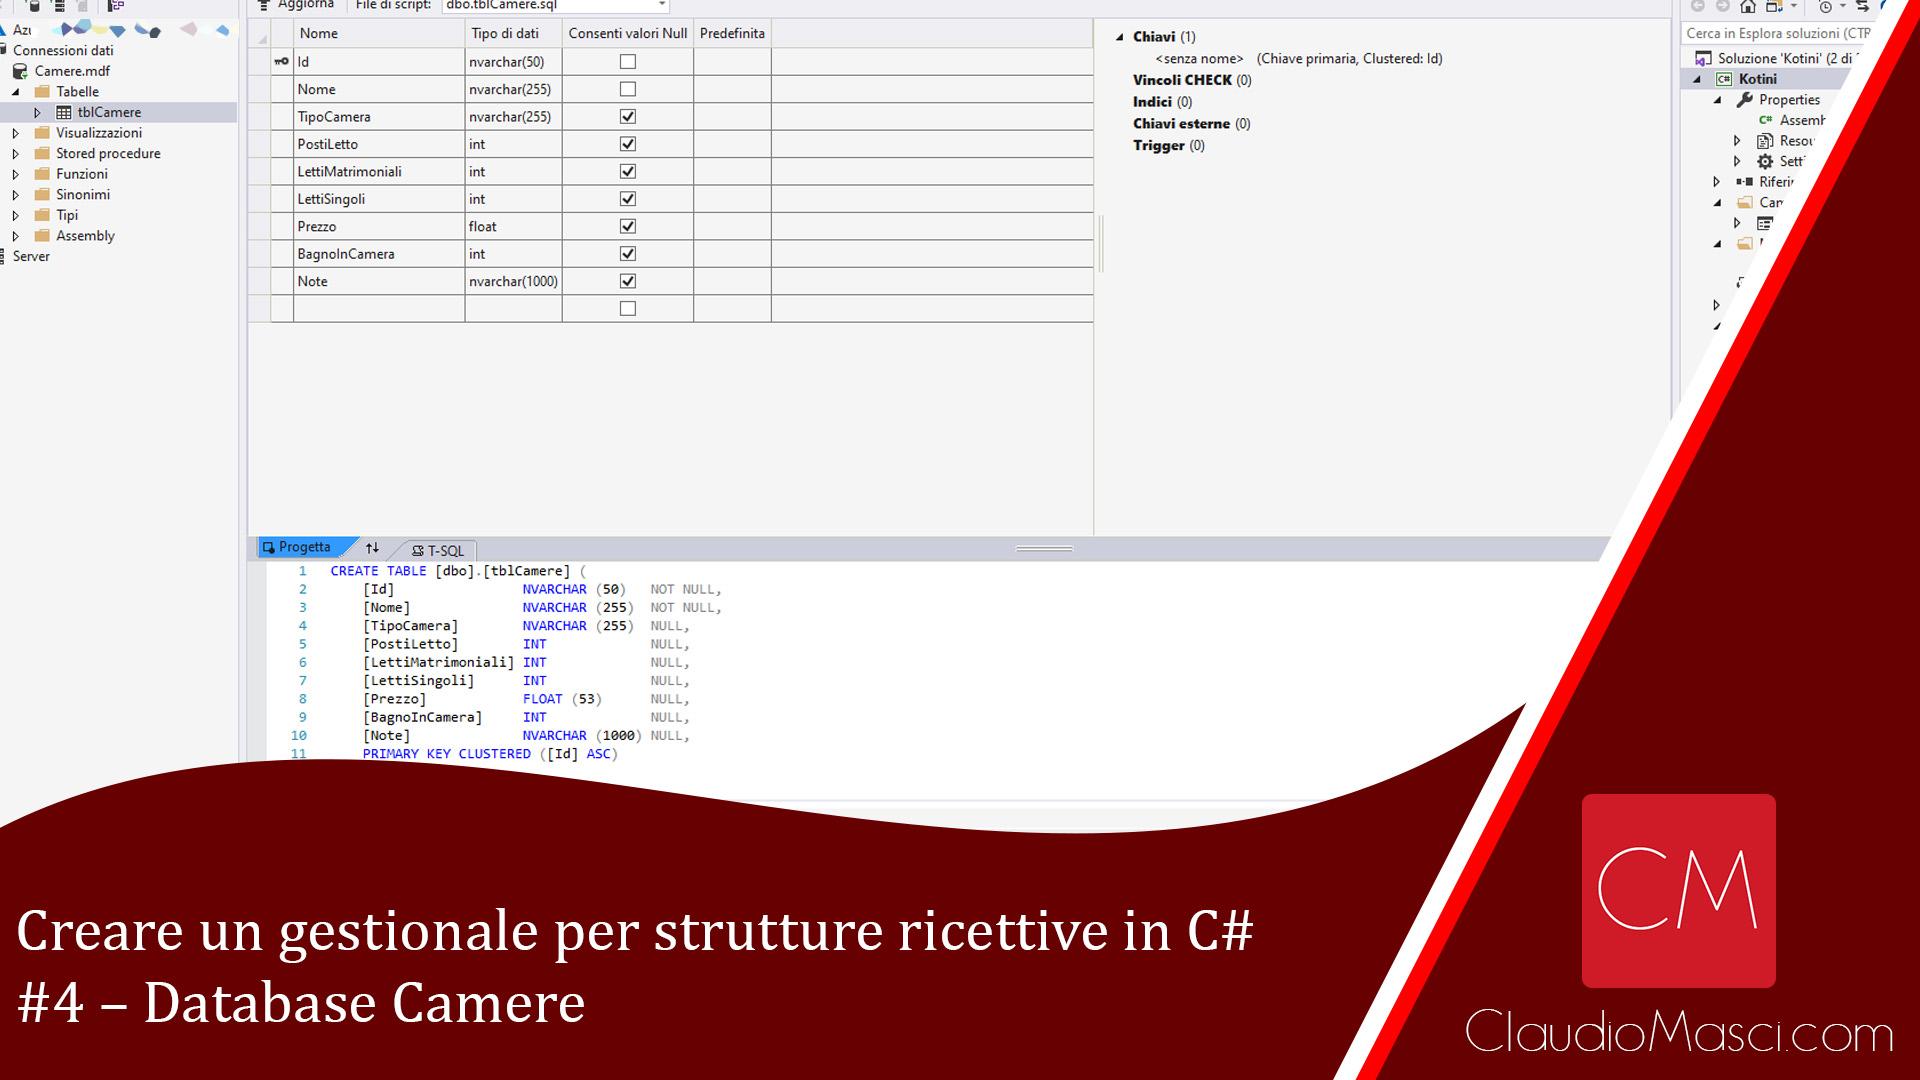 Creare un gestionale per strutture ricettive in C# – #4 – Database Camere